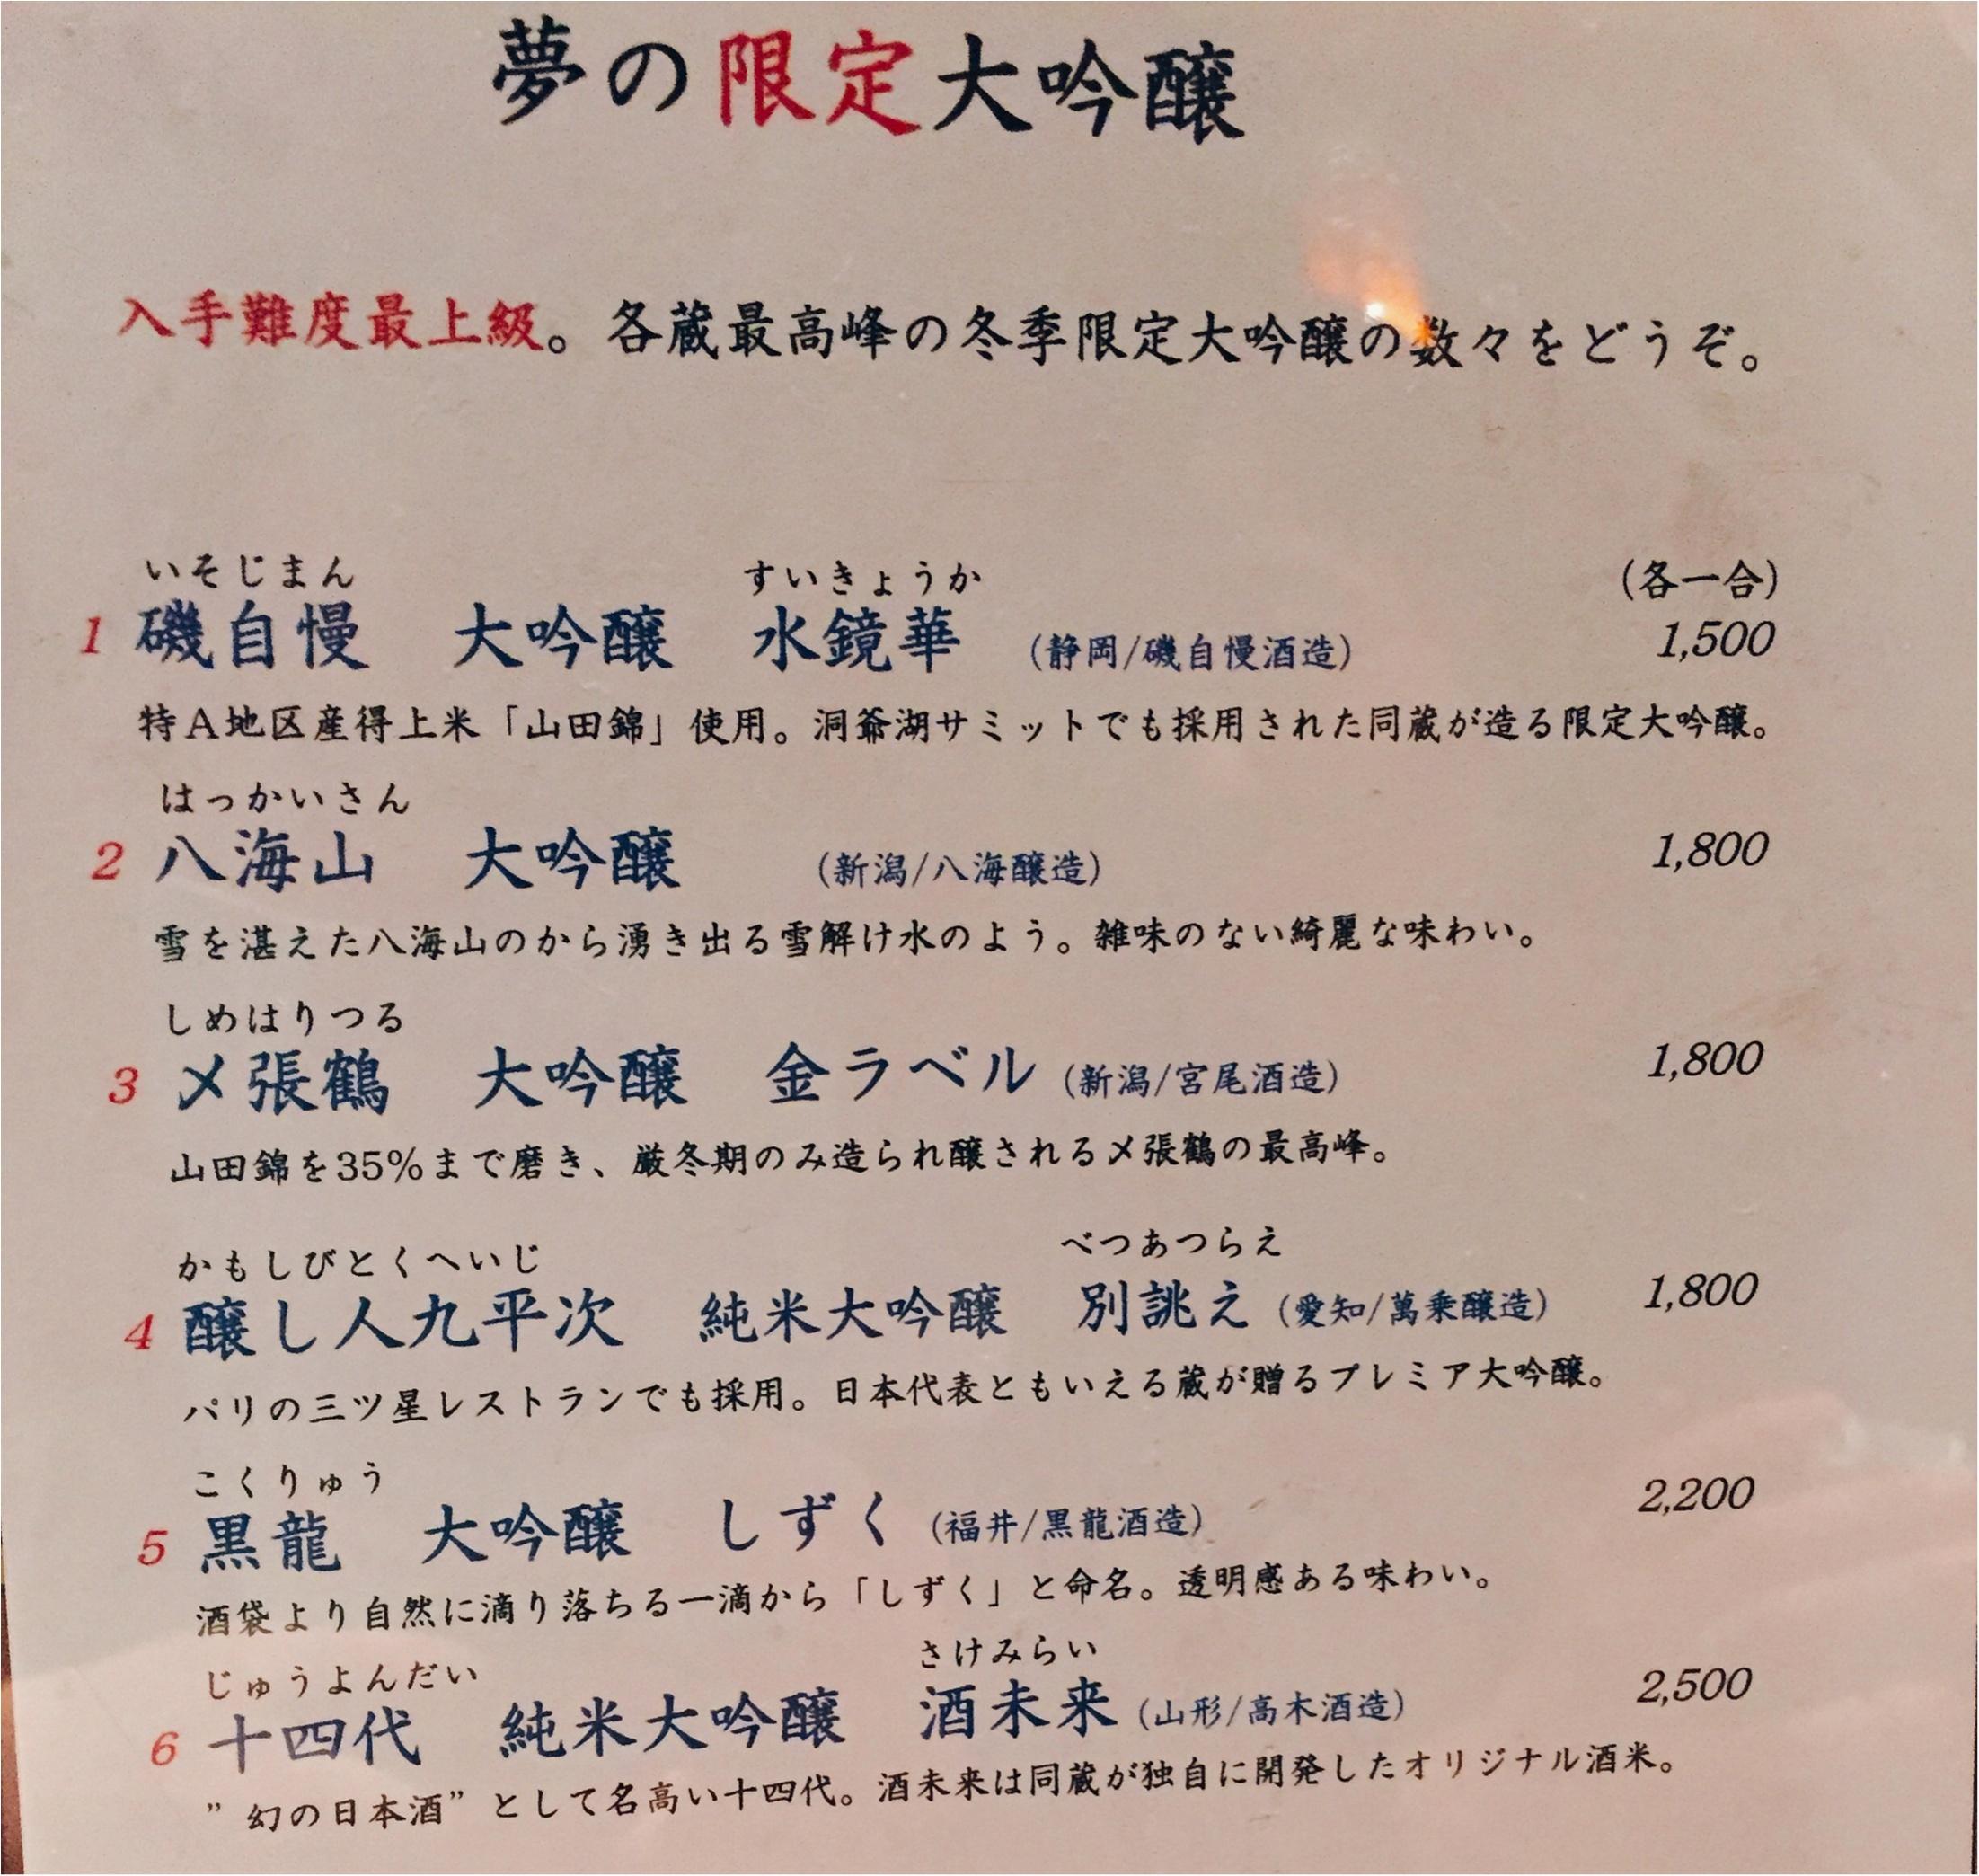 【恵比寿】そば・しゃぶしゃぶ・日本酒を楽しむなら『まにん』✨黒豚つけ麺そばが絶品〜♡_3_2